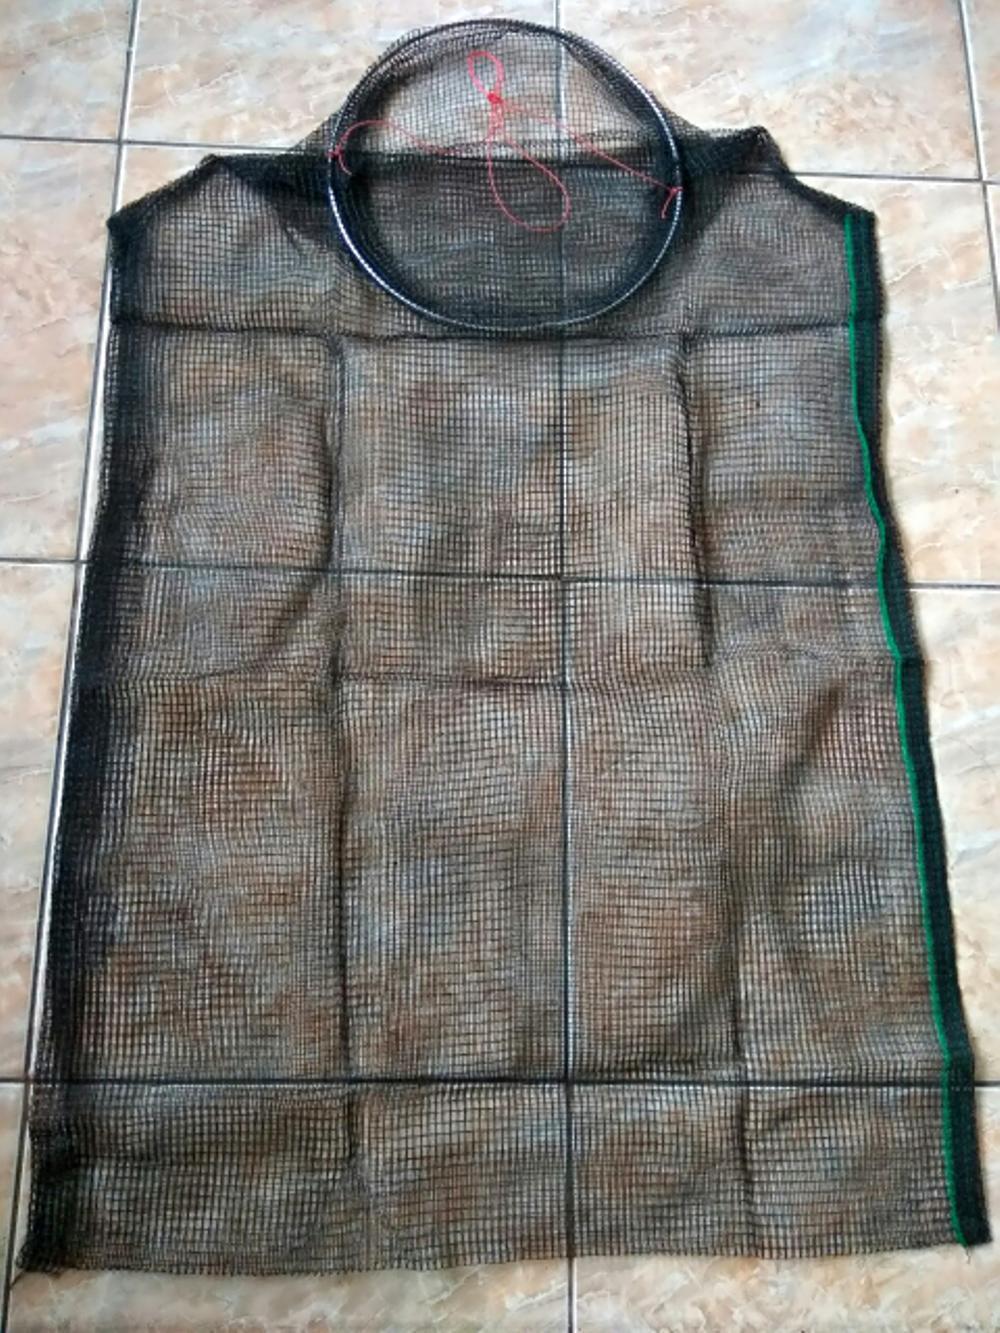 Koja Pancing / Korang / Keep Net / Jaring Ikan / Wadah Tempat Menyimpan Ikan di lapak Andree Fishing or BFG andree_alivio